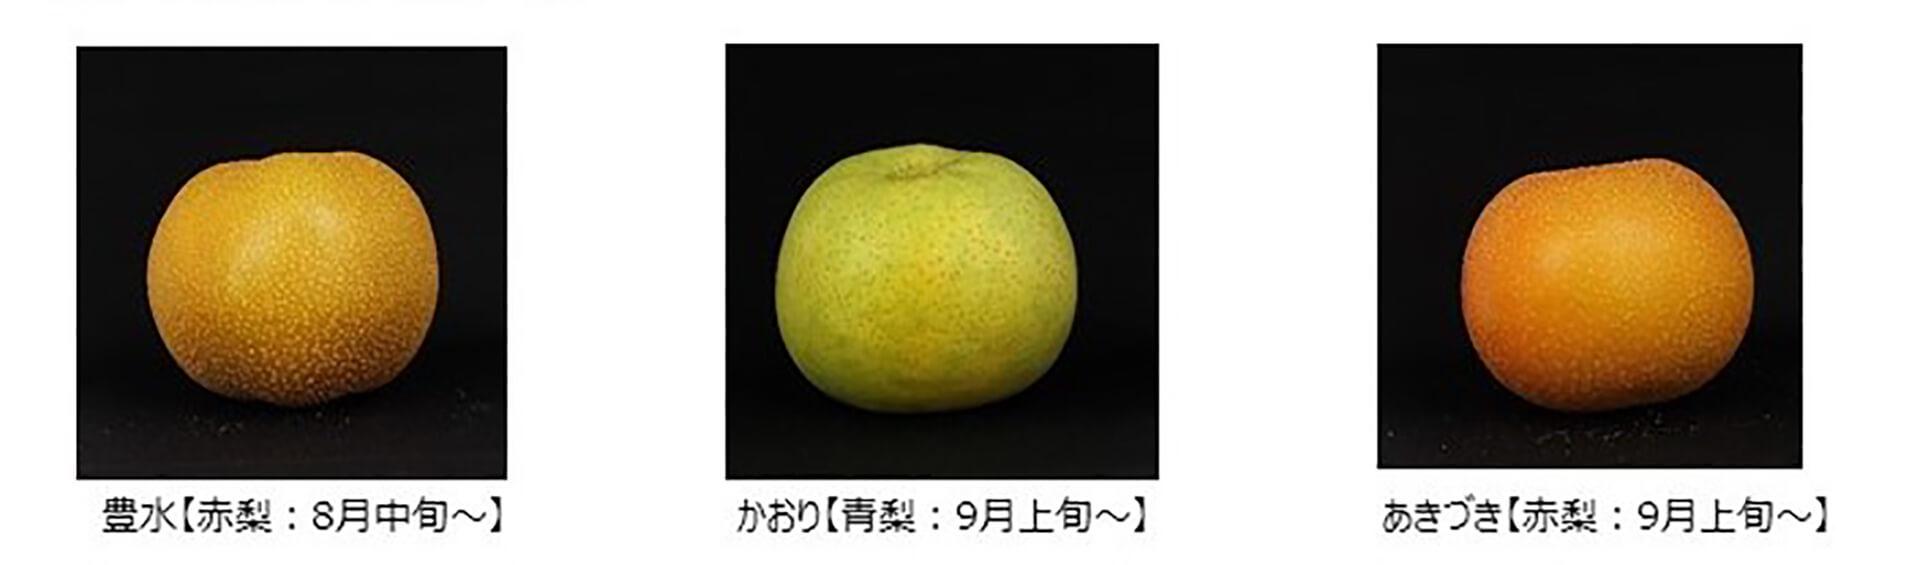 松戸 48観光梨園・直売&梨もぎ